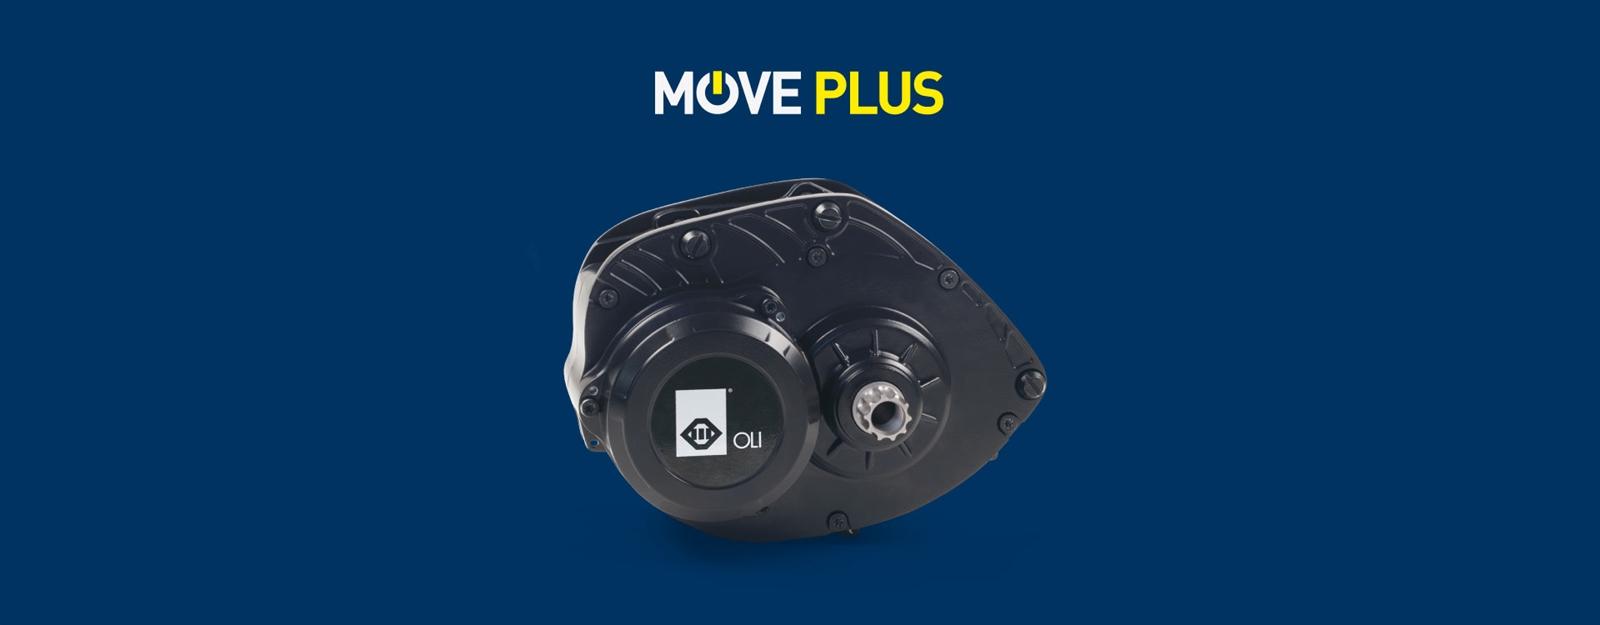 OLI MOVE/MOVE PLUS - manuale di installazione uso e manutenzione